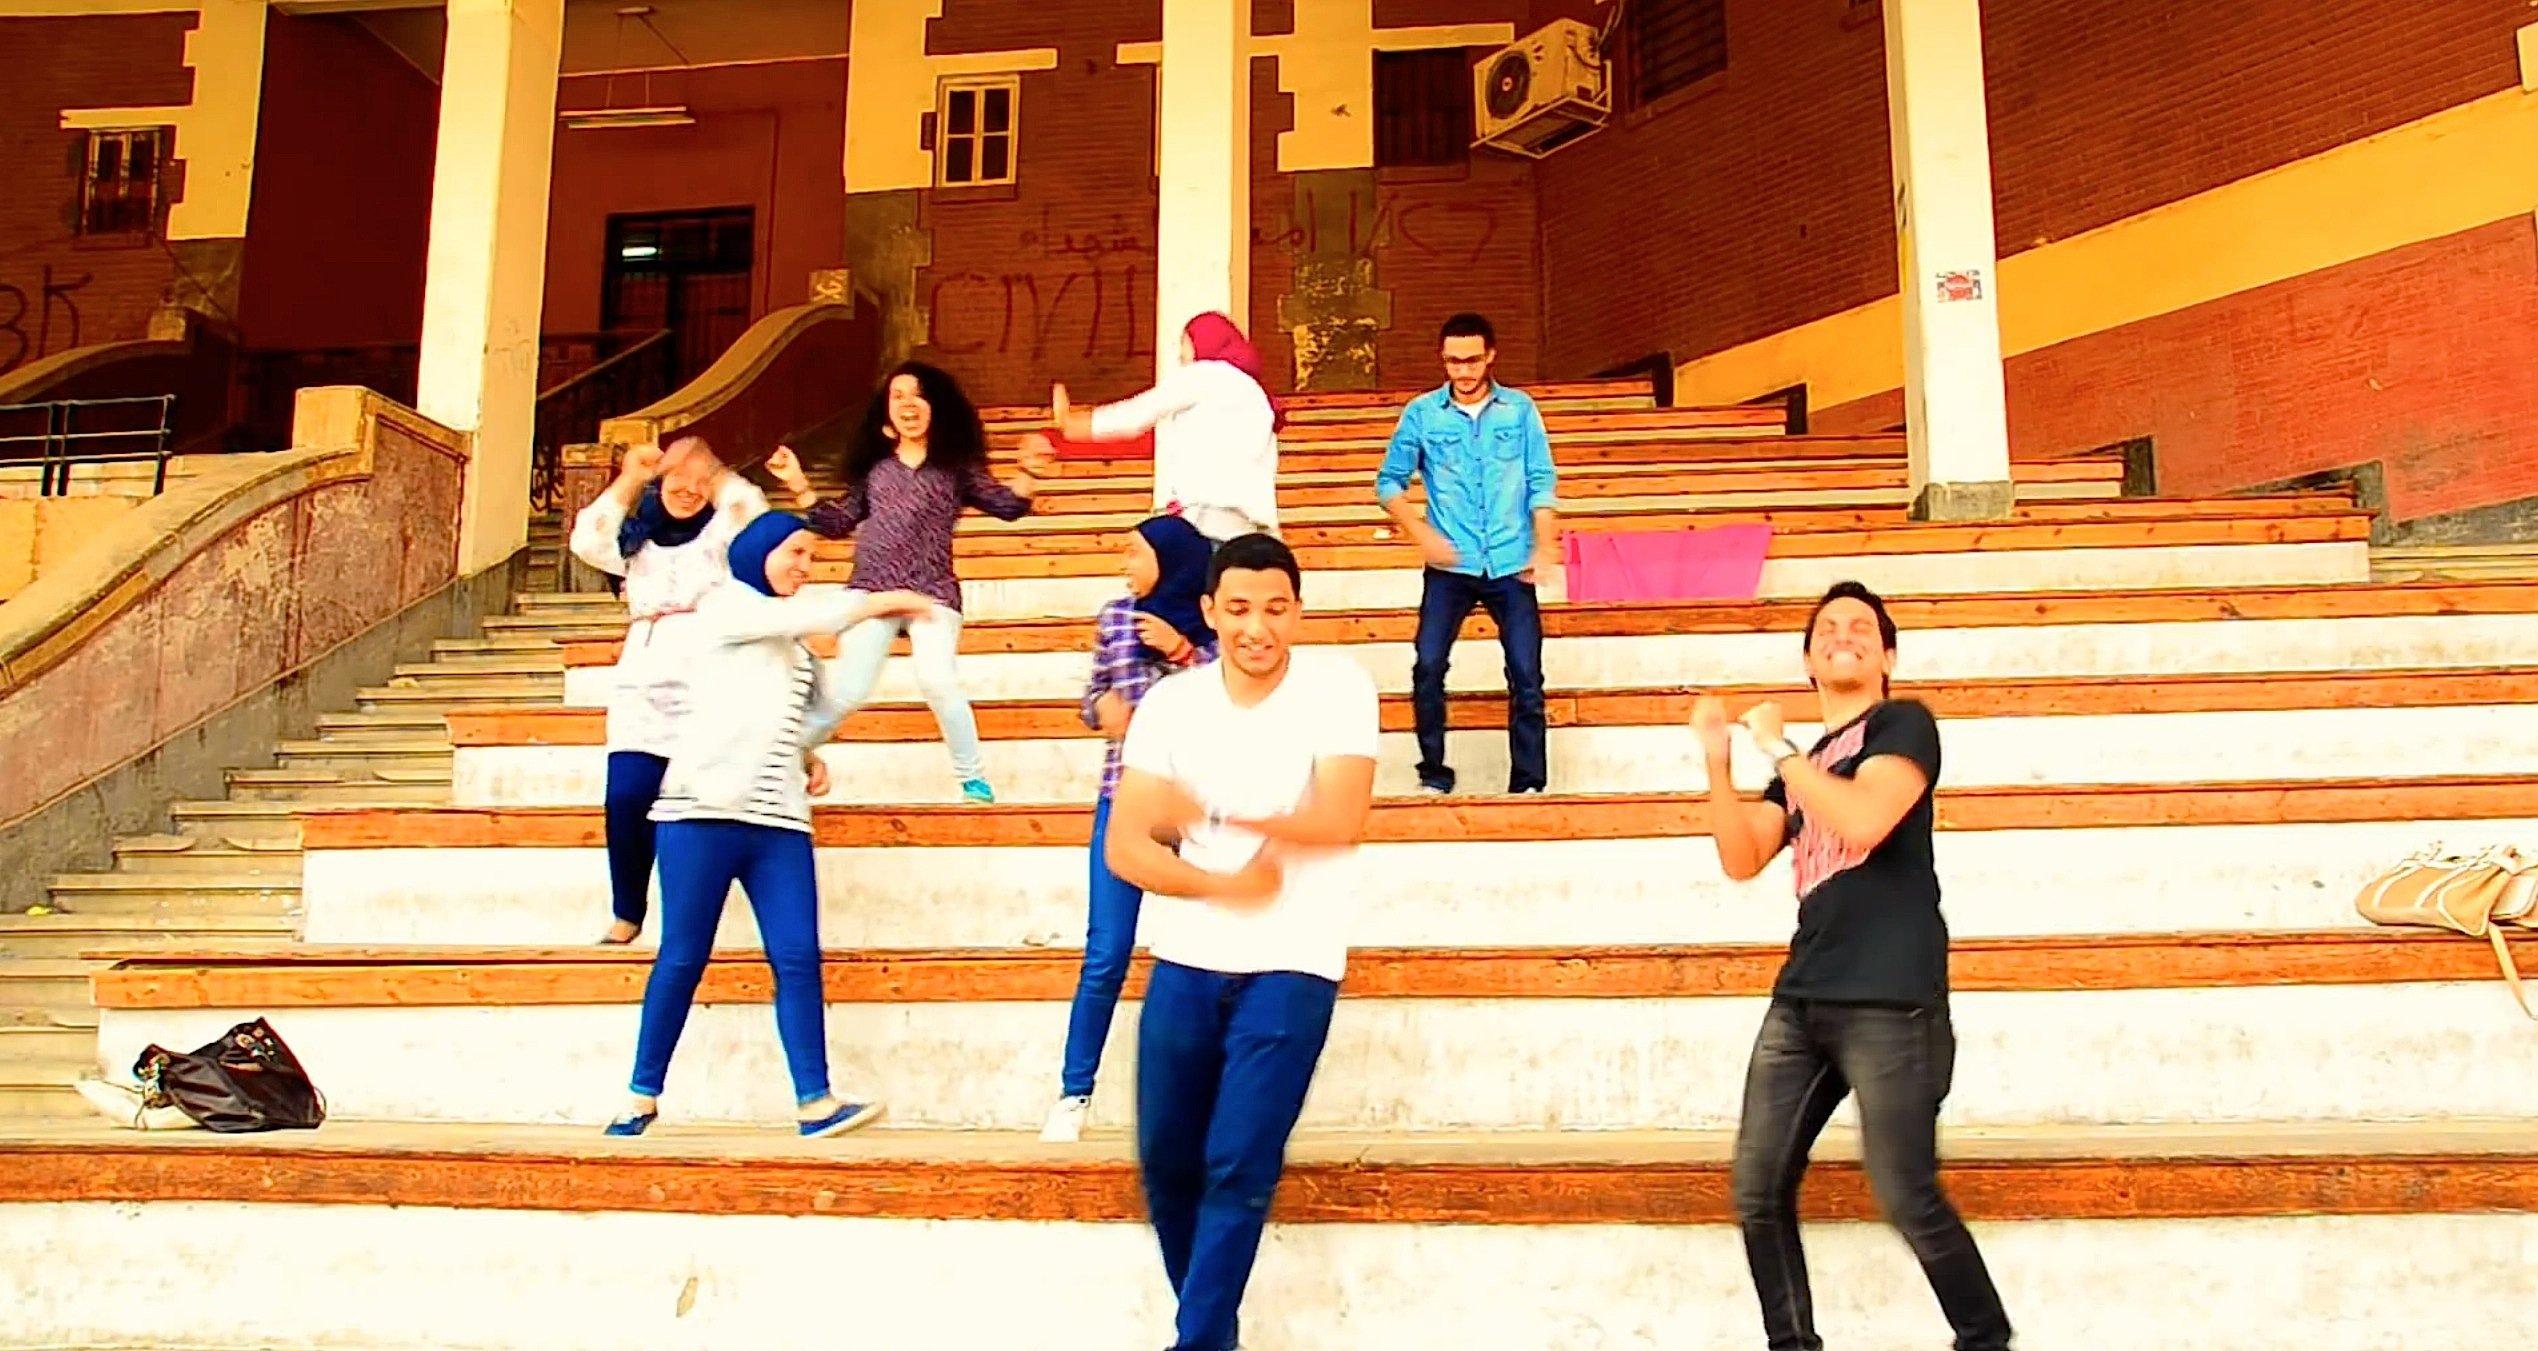 Ingenieurstudenten tanzen auf der Eingangstreppe der Shams Universität in Kairo.